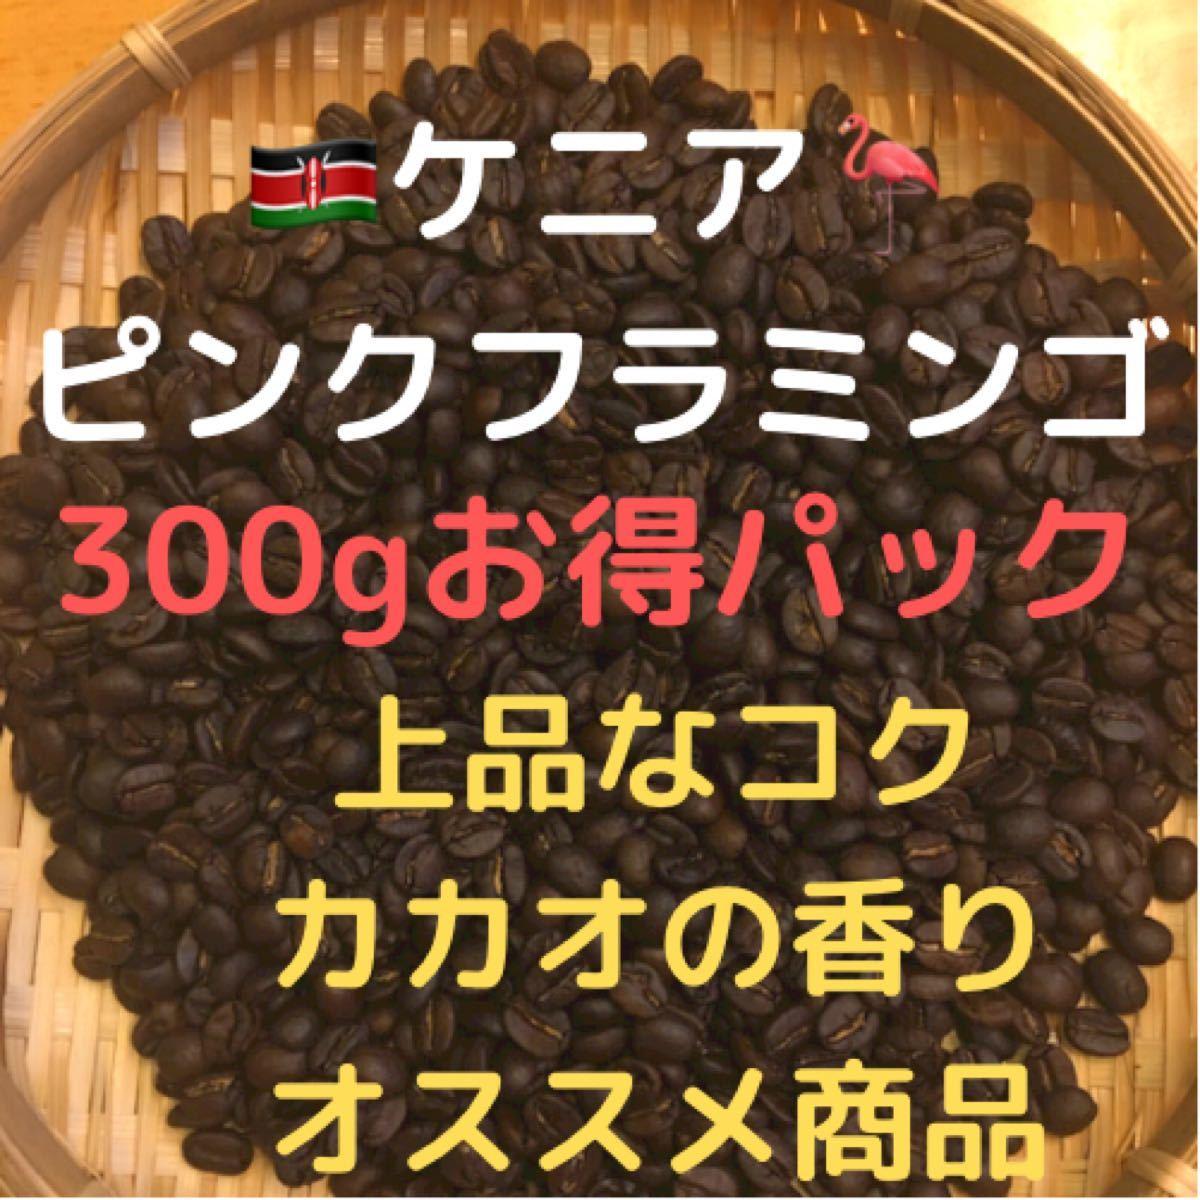 自家焙煎 ケニア ピンクフラミンゴ 300g(豆又は粉)匿名配送